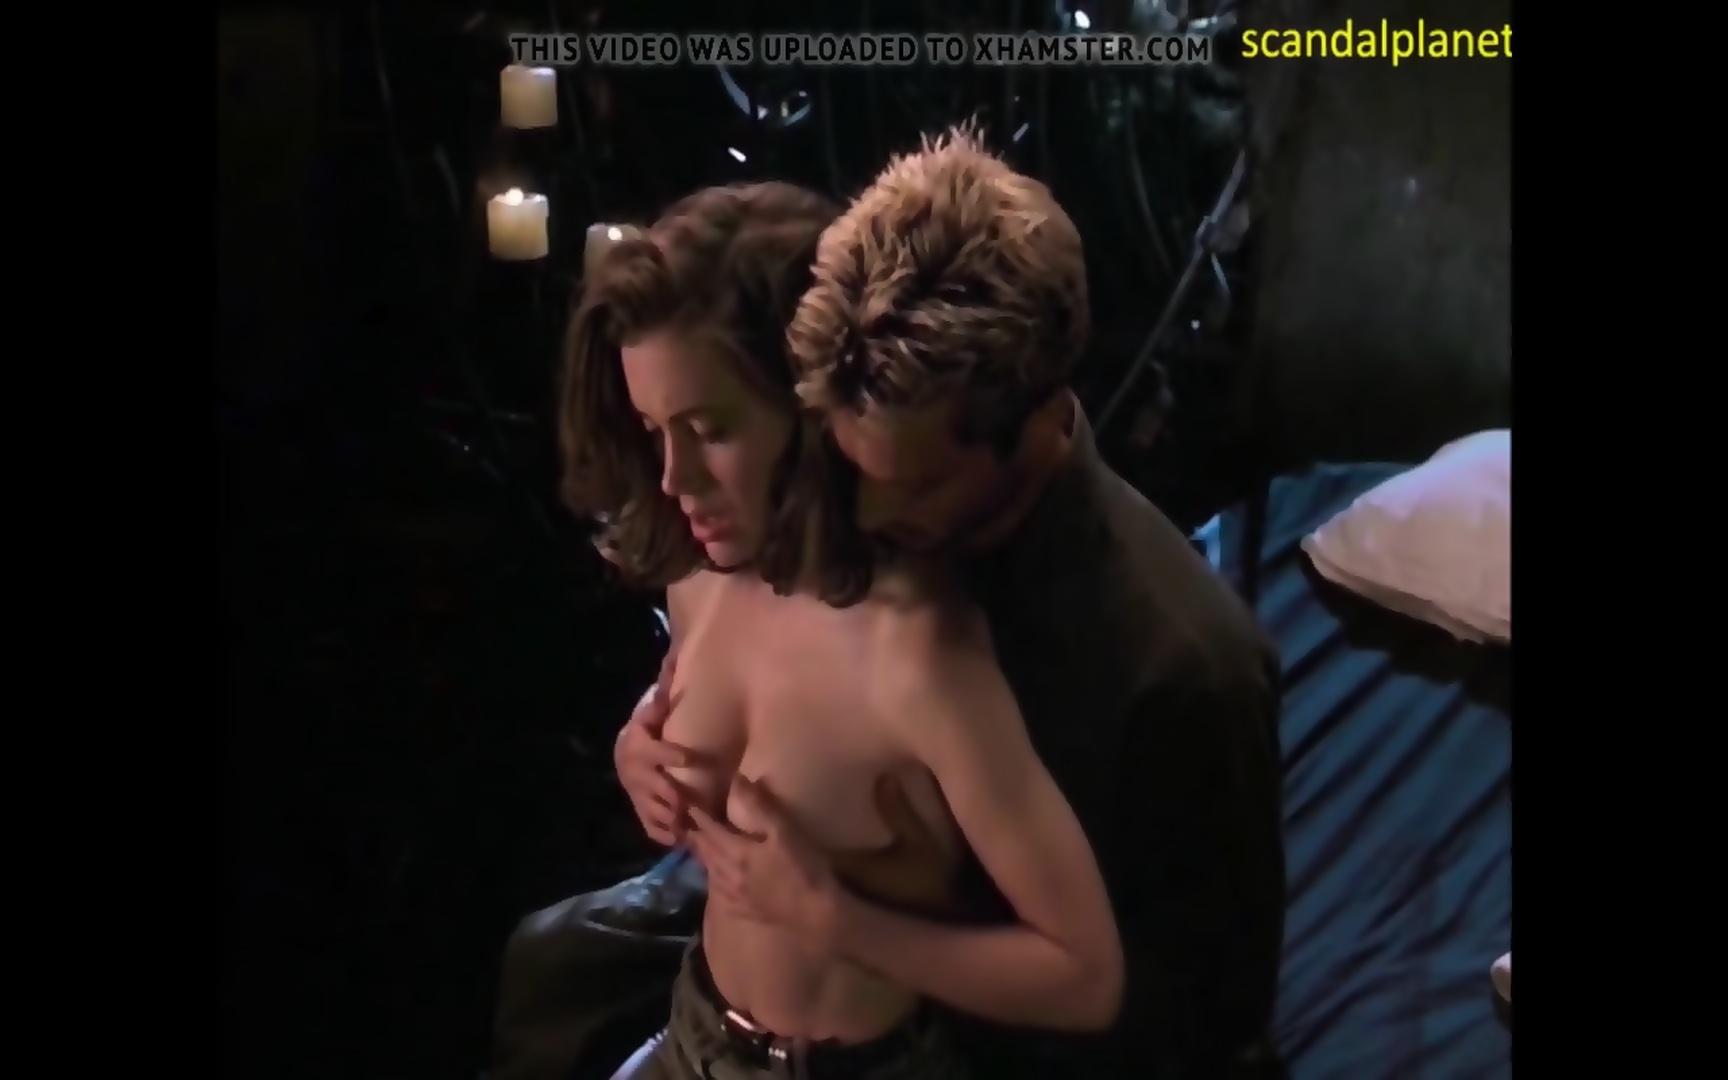 Alyssa Milano Nude Video alyssa milano unclothed tits in toxins ivy 2 film - angel